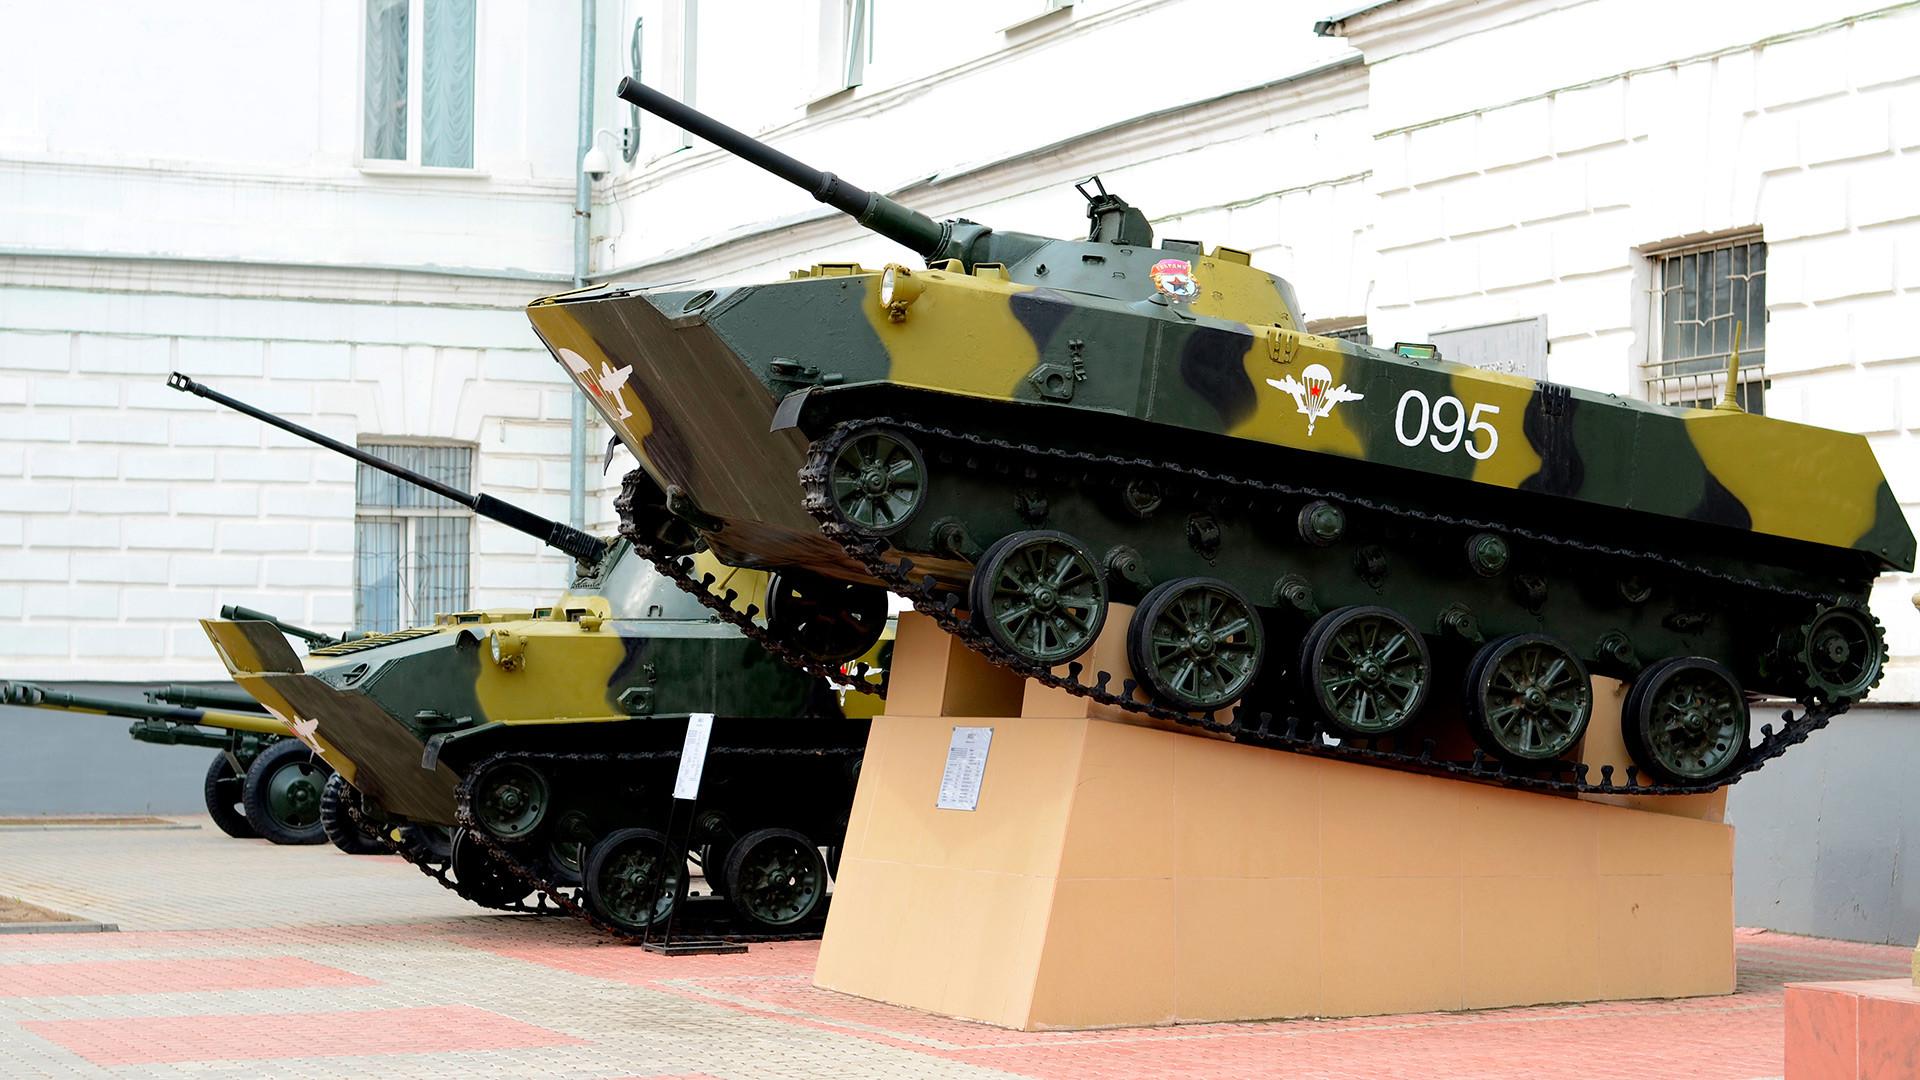 Museo de las Tropas Aerotransportadas de Rusia en Riazán.